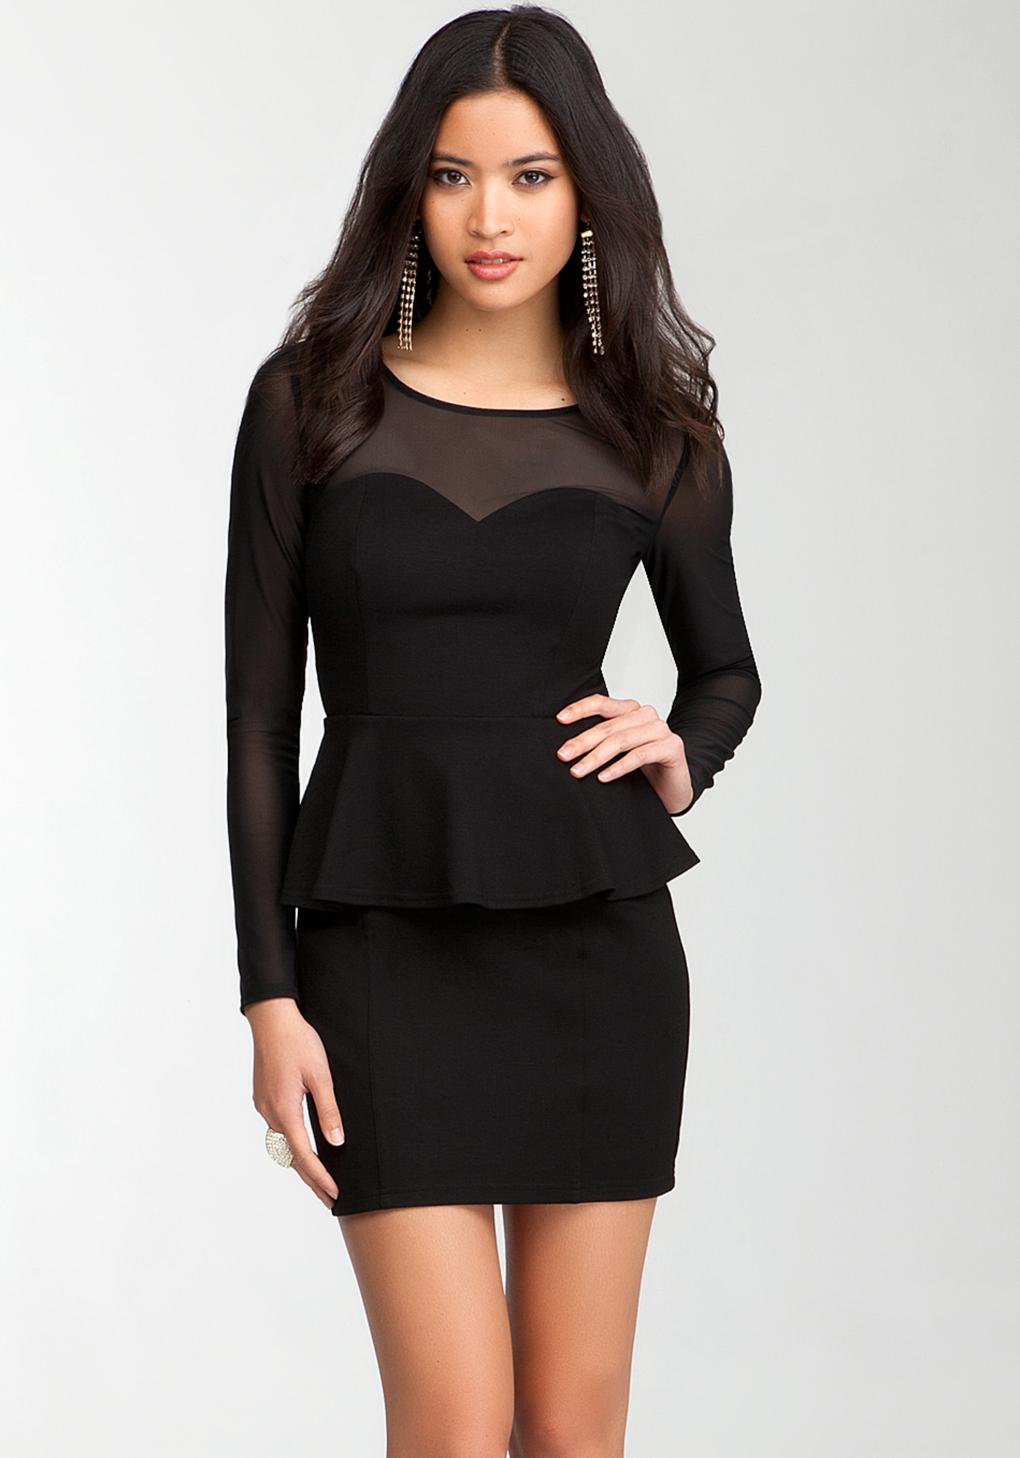 Bebe Sweetheart Peplum Mesh Dress Online Exclusive In